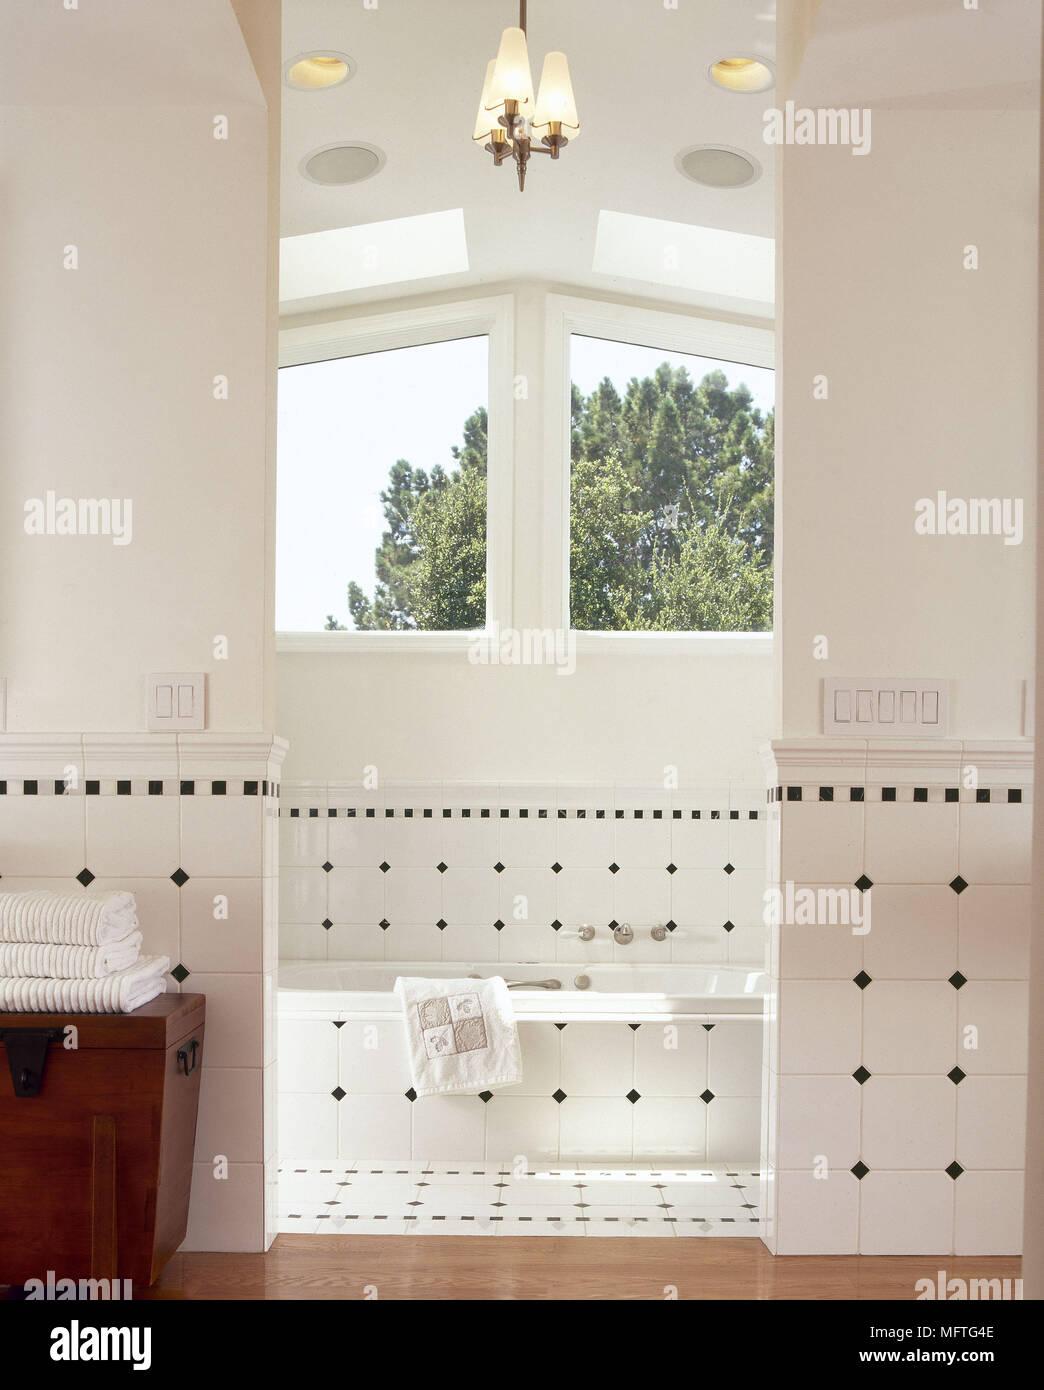 Modernes Badezimmer Badewanne Muster Fliesen hohe Decke Interieur ...